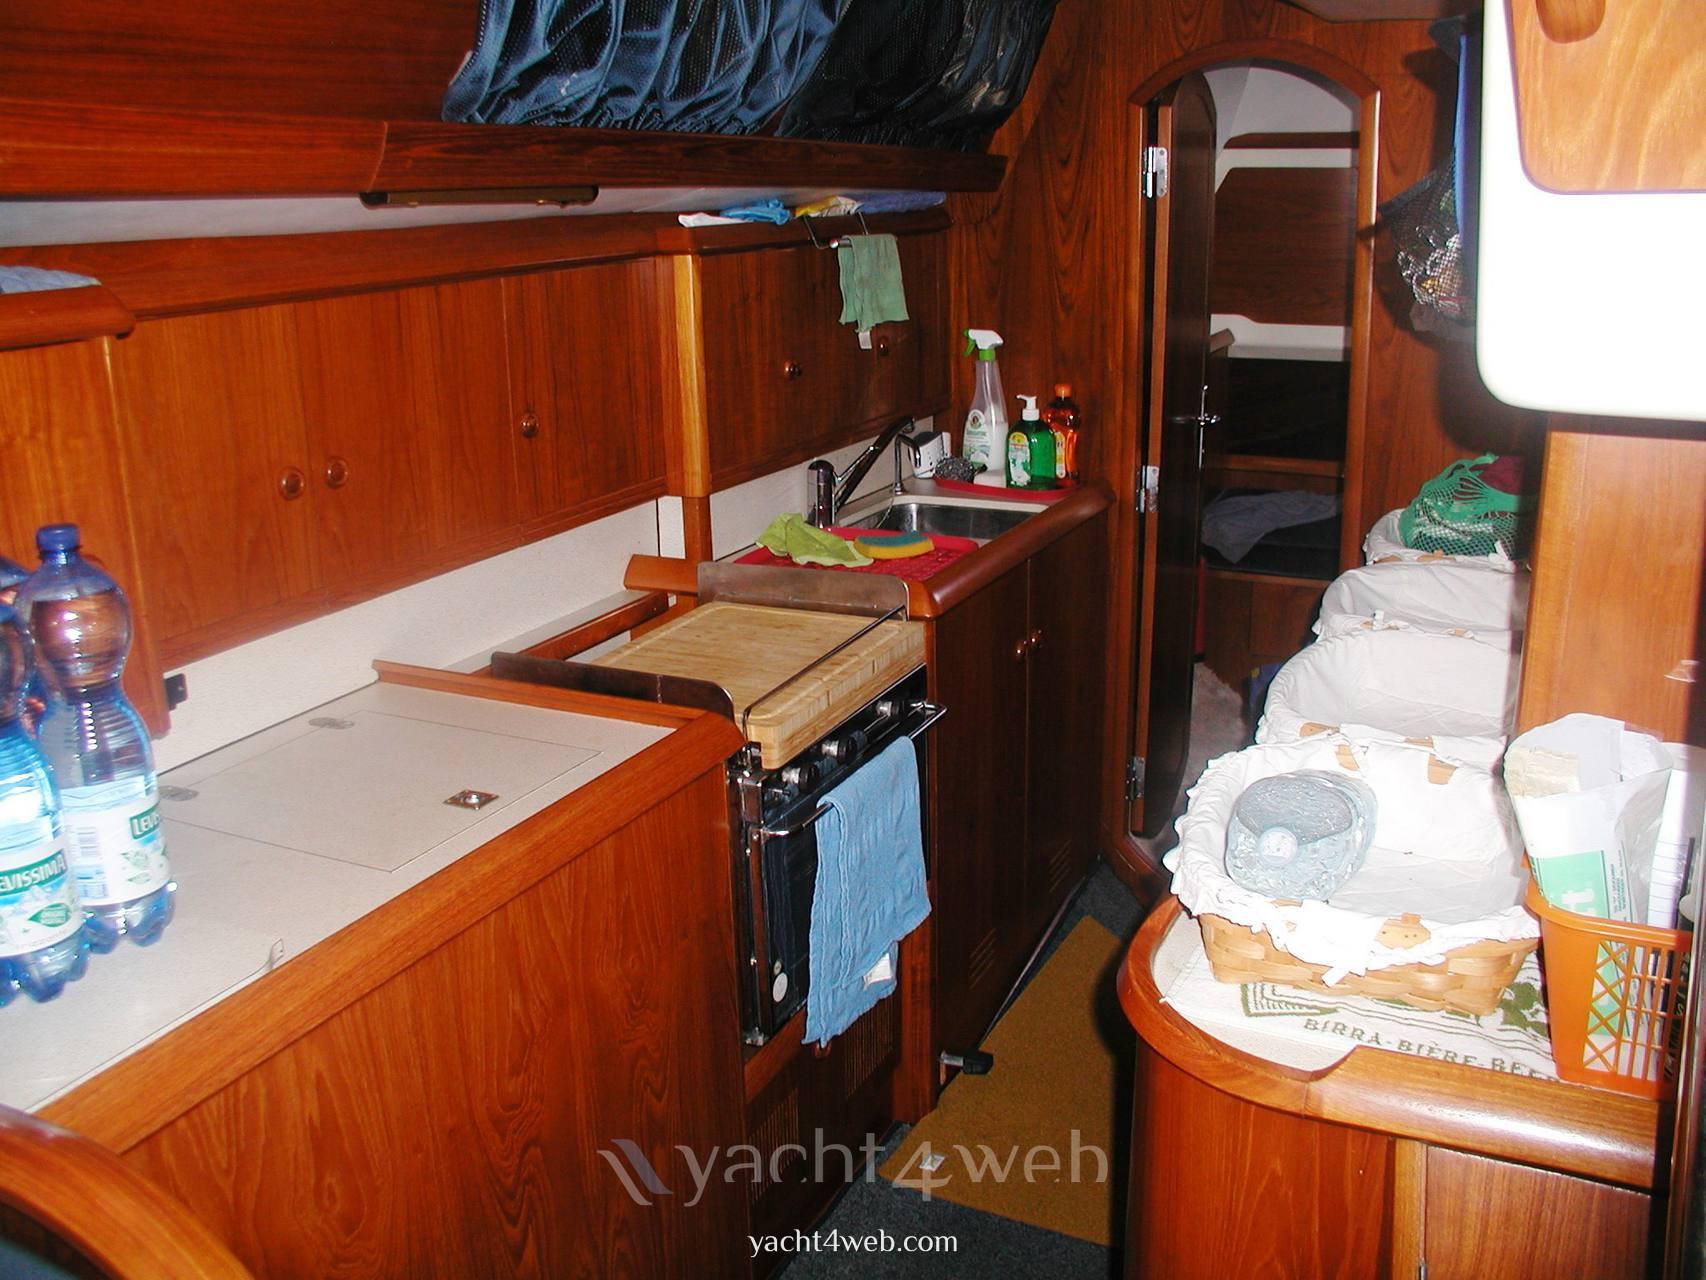 JEANNEAU Sun odyssey 42cc Cruiser